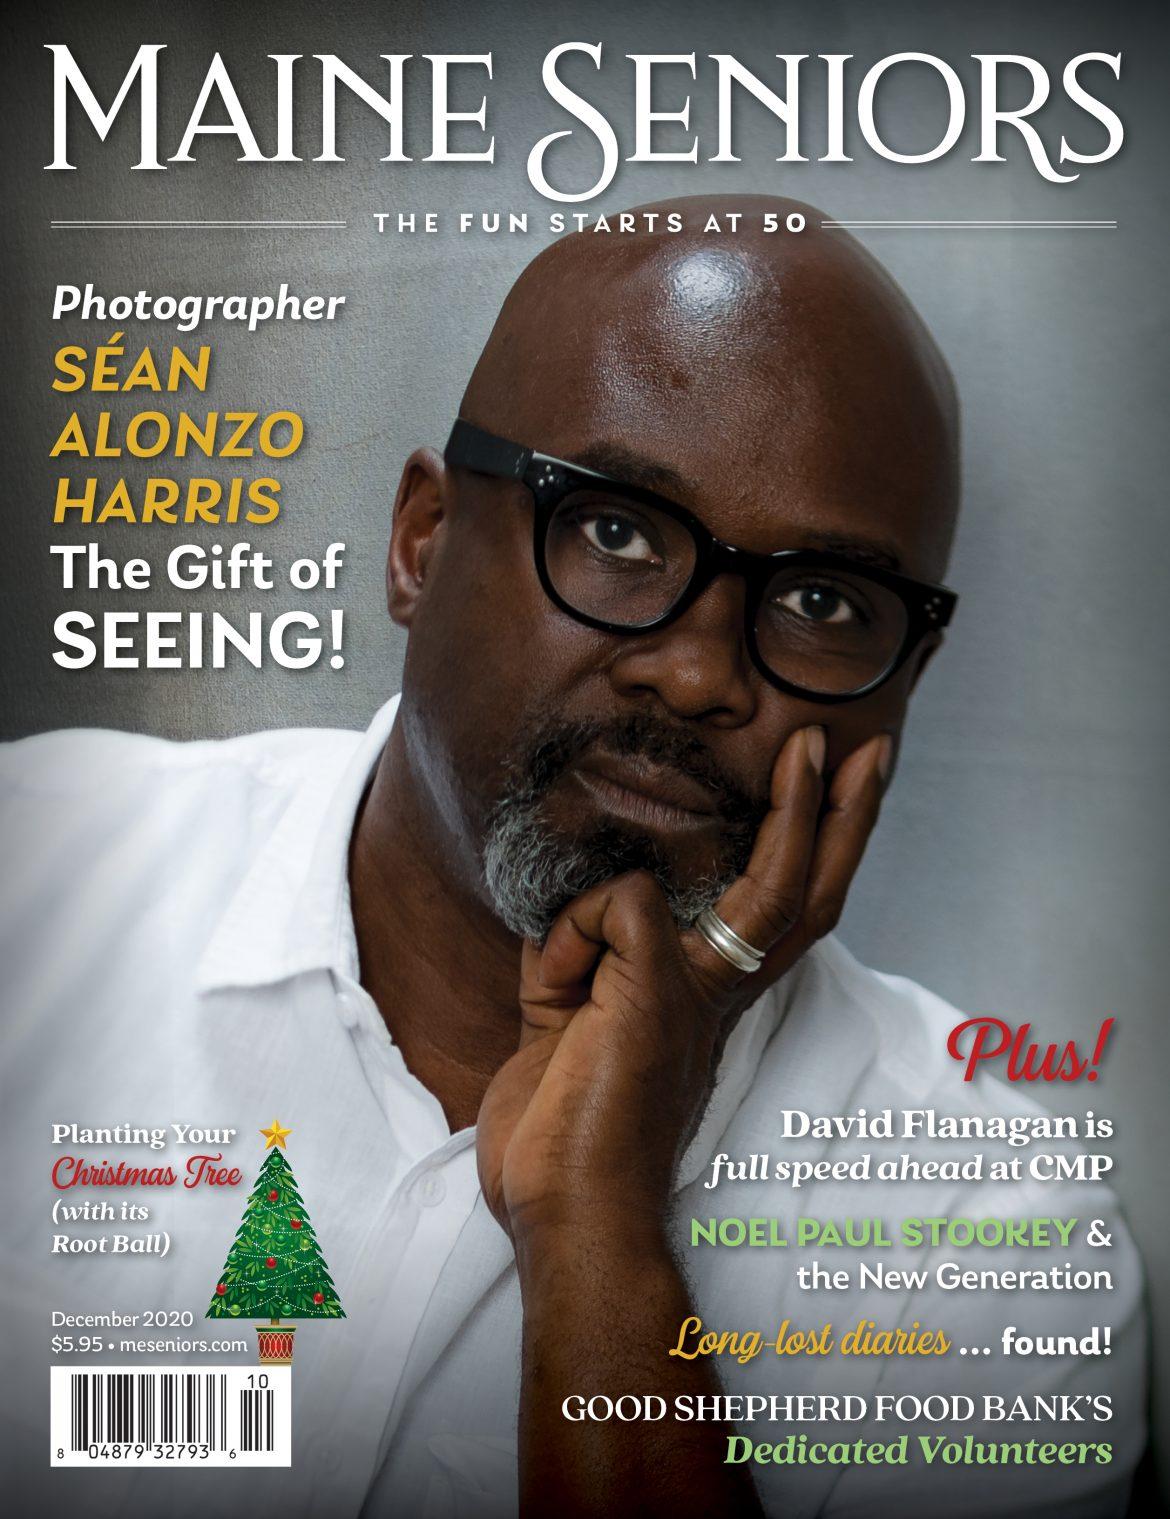 December 2020 Digital Edition